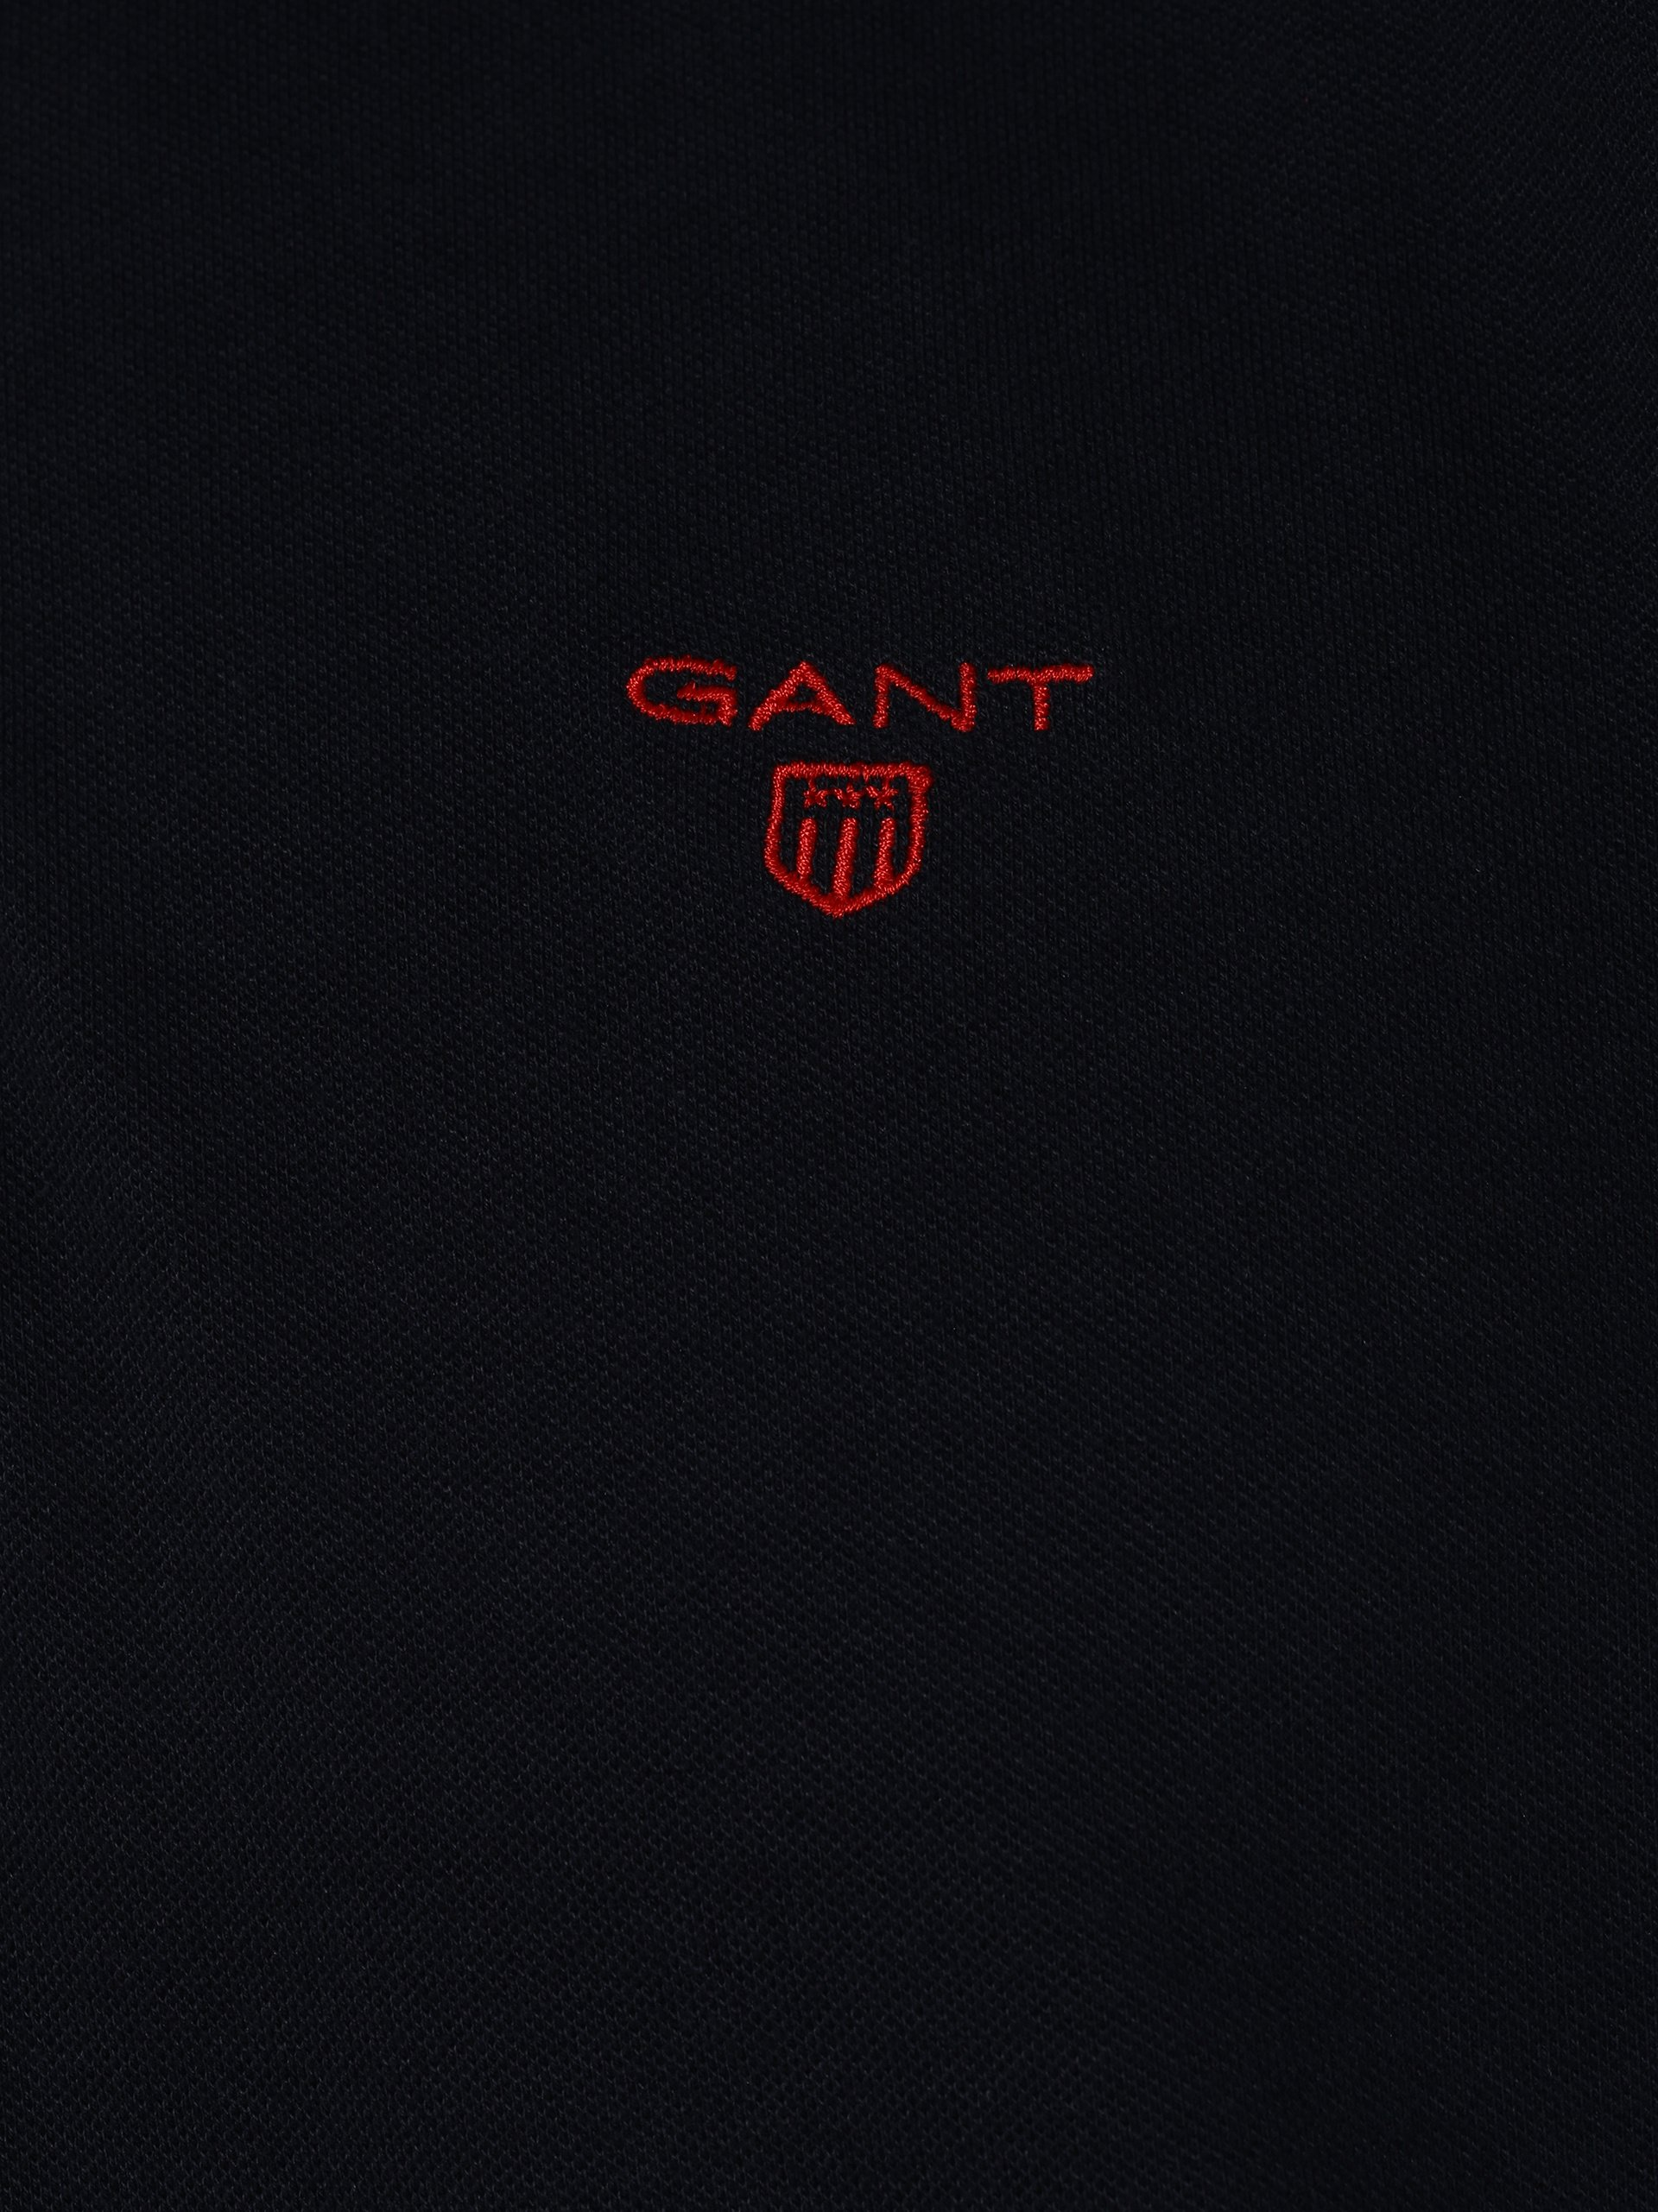 Gant Herren Poloshirt - Rugger